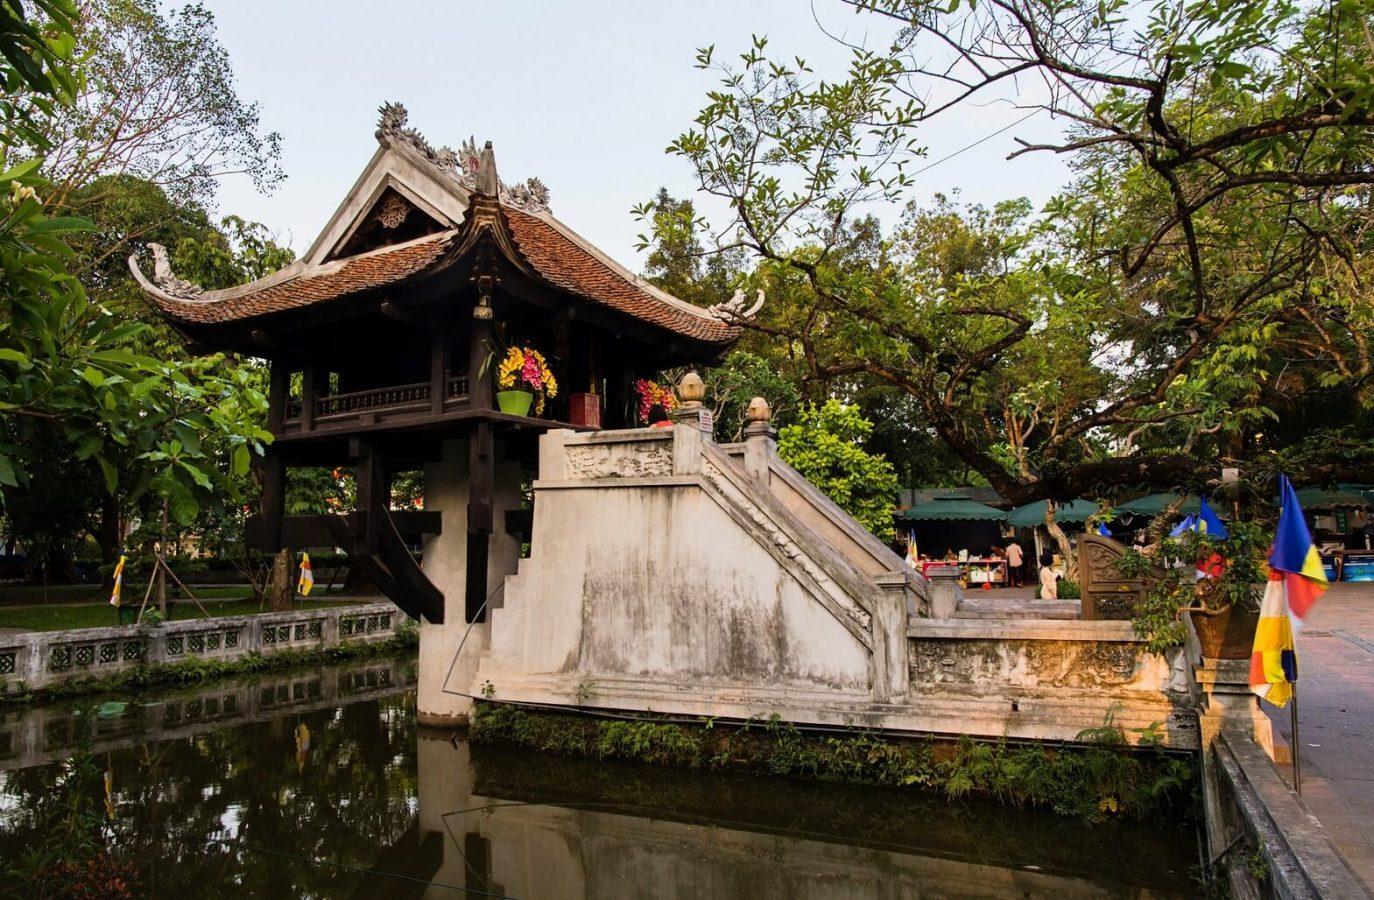 temples-et-pagodes-c3a0-hanoi-pagode-a-pilier-unique-8365599